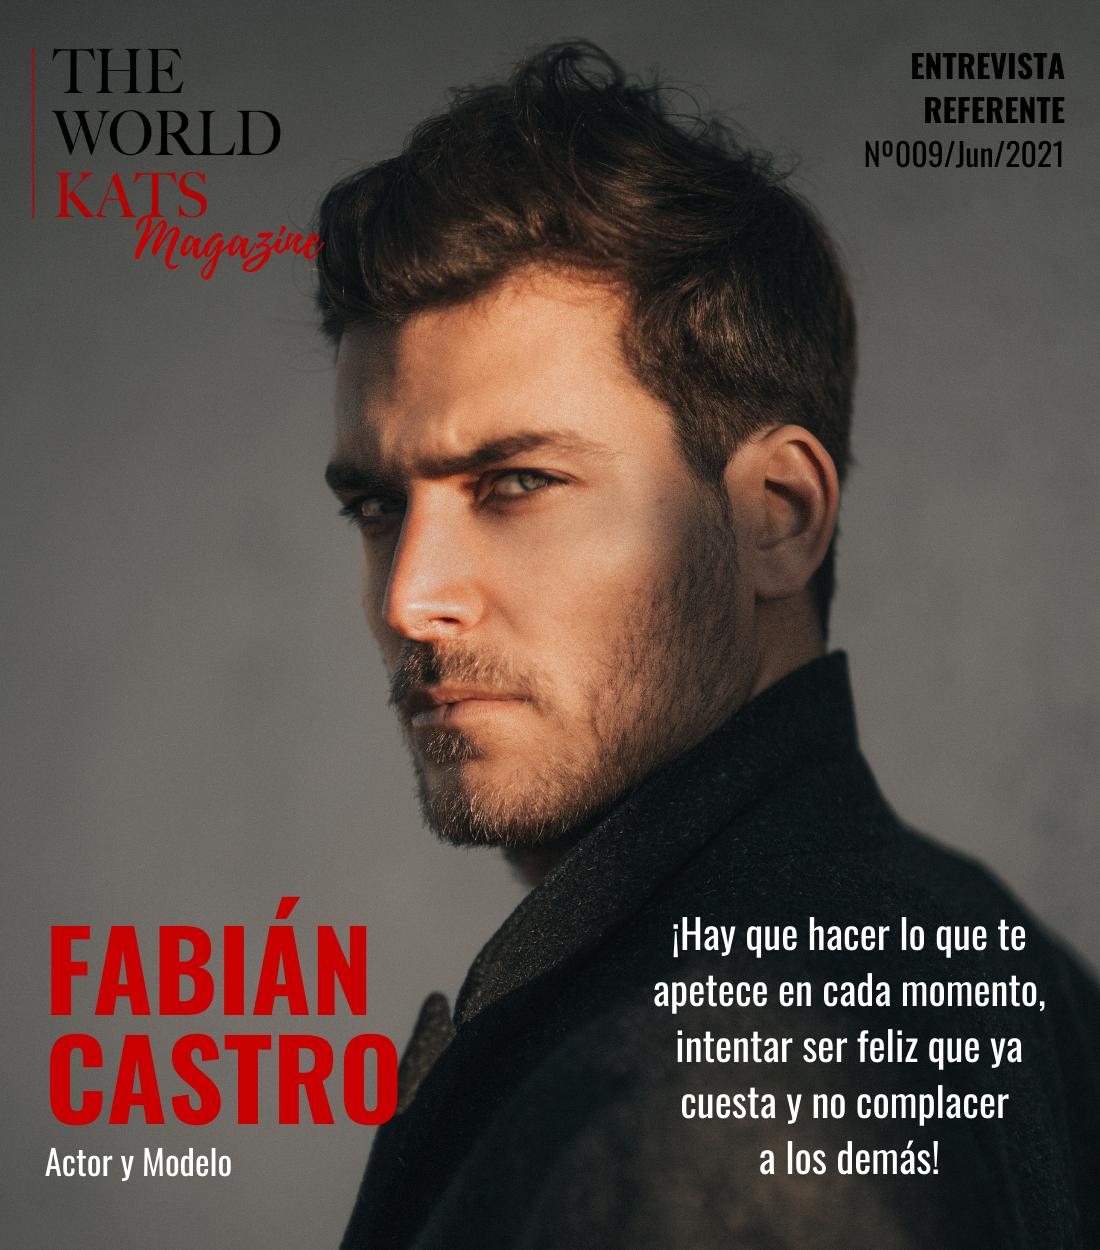 Entrevista a Fabián Castro, Actor y Modelo Publicitario